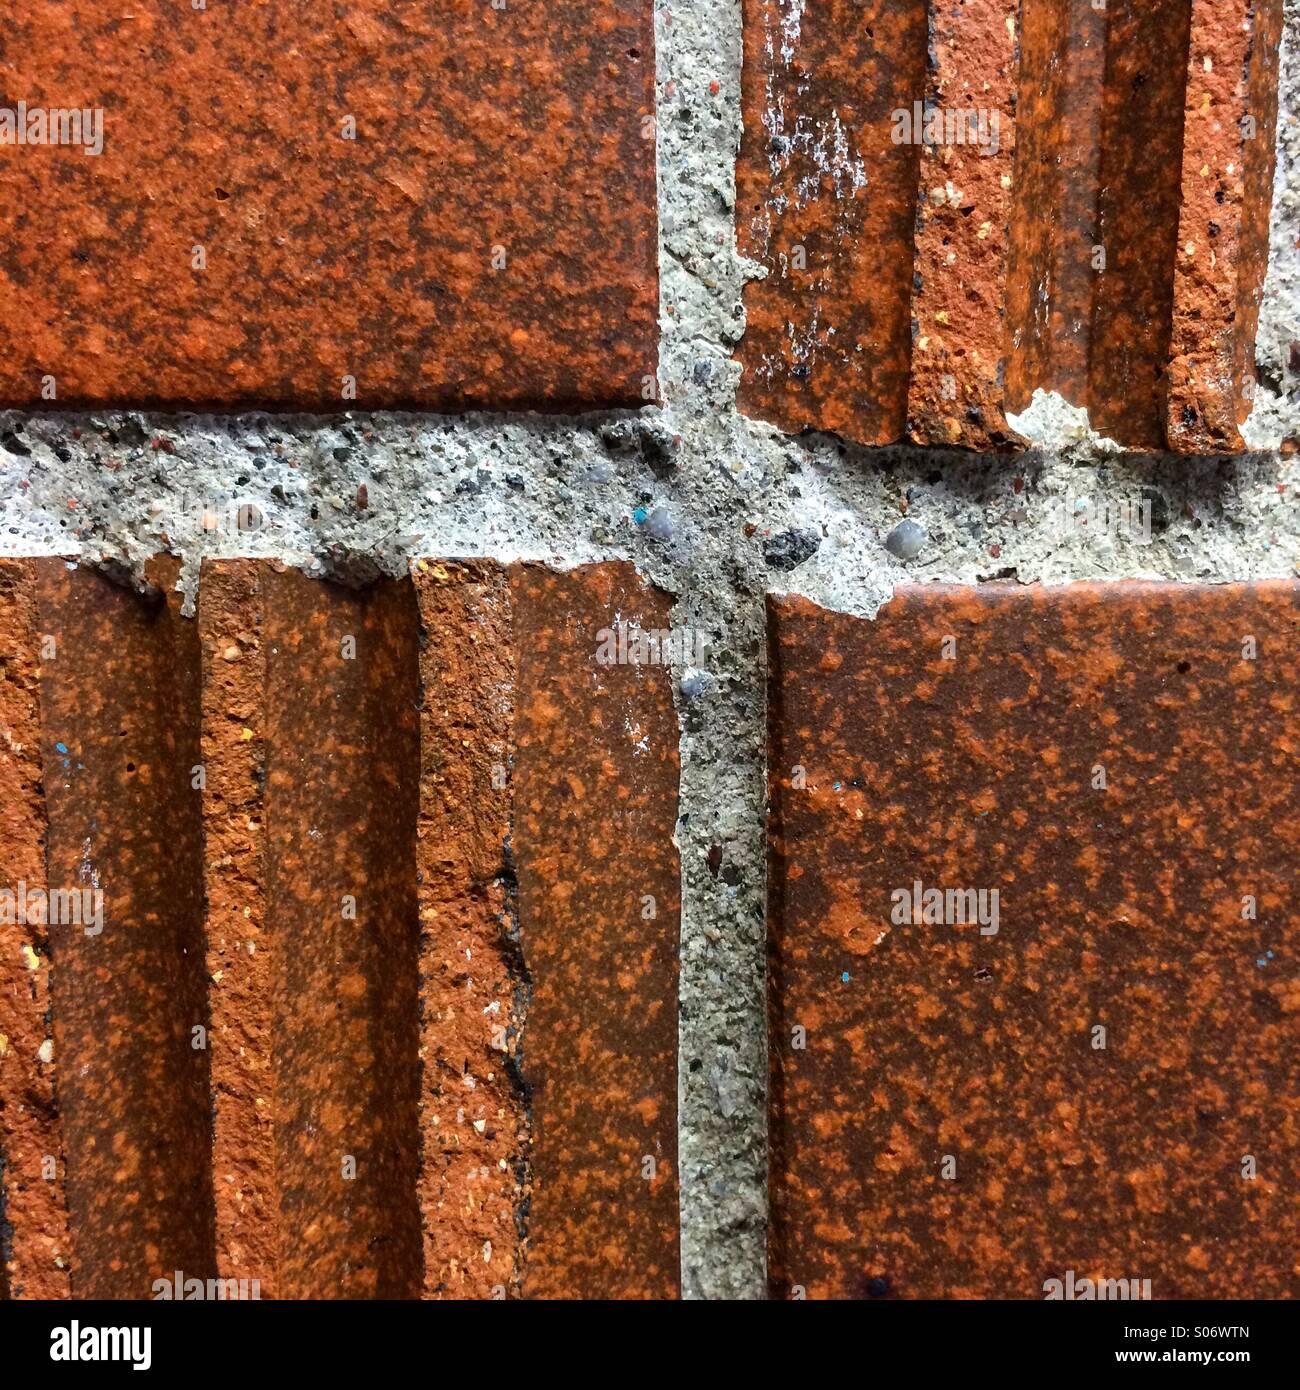 Brick wall detail - Stock Image